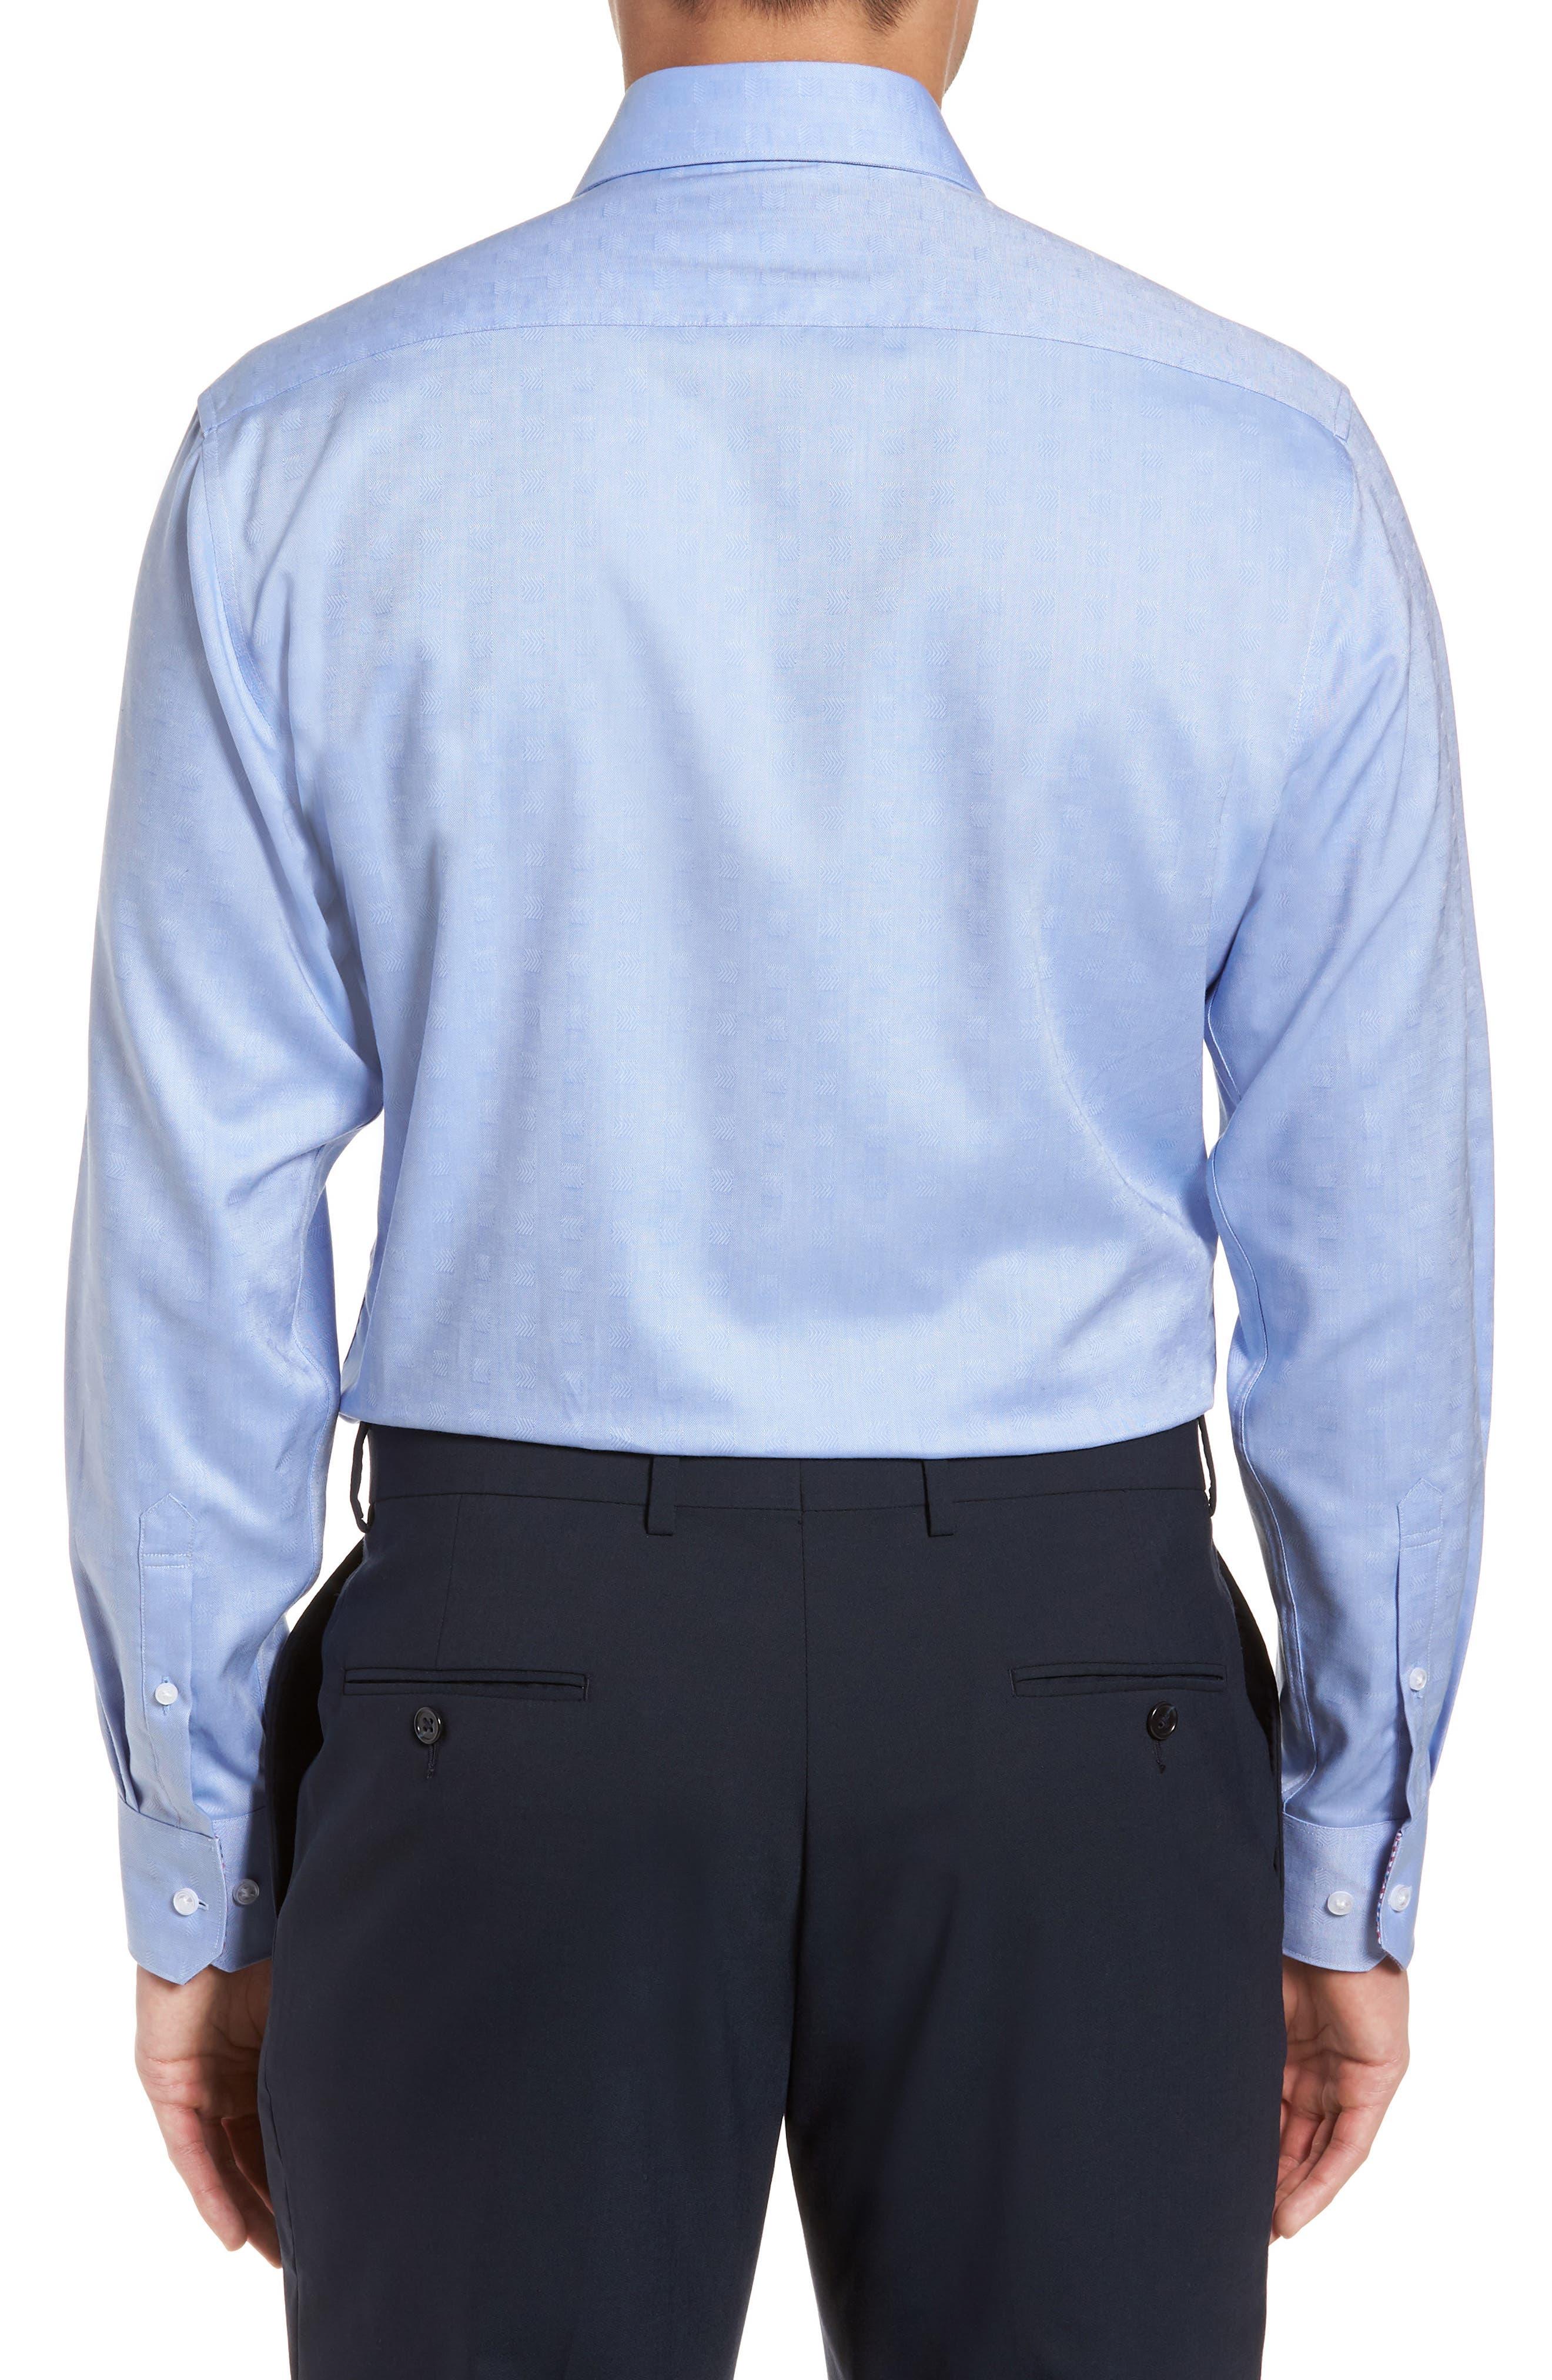 Ashur Trim Fit Solid Dress Shirt,                             Alternate thumbnail 3, color,                             BLUE